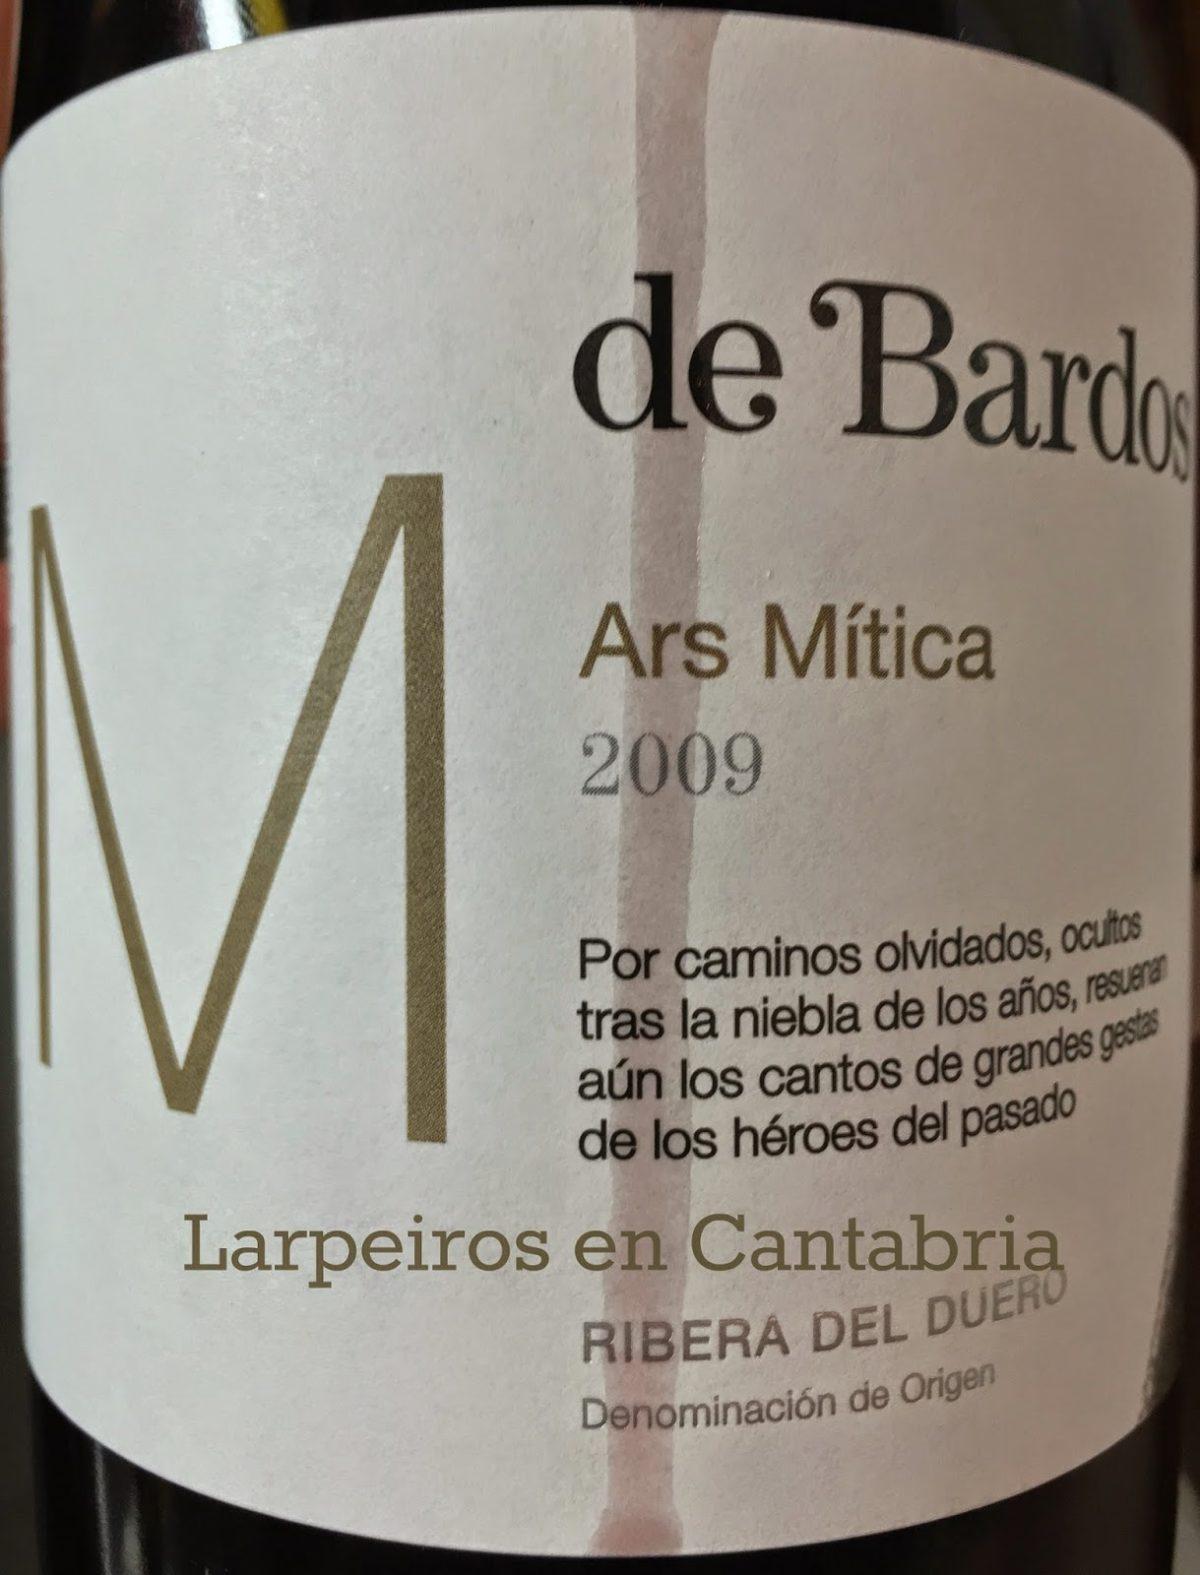 Vino Tinto De Bardos Ars Mítica 2009: Gran Ribera del Duero